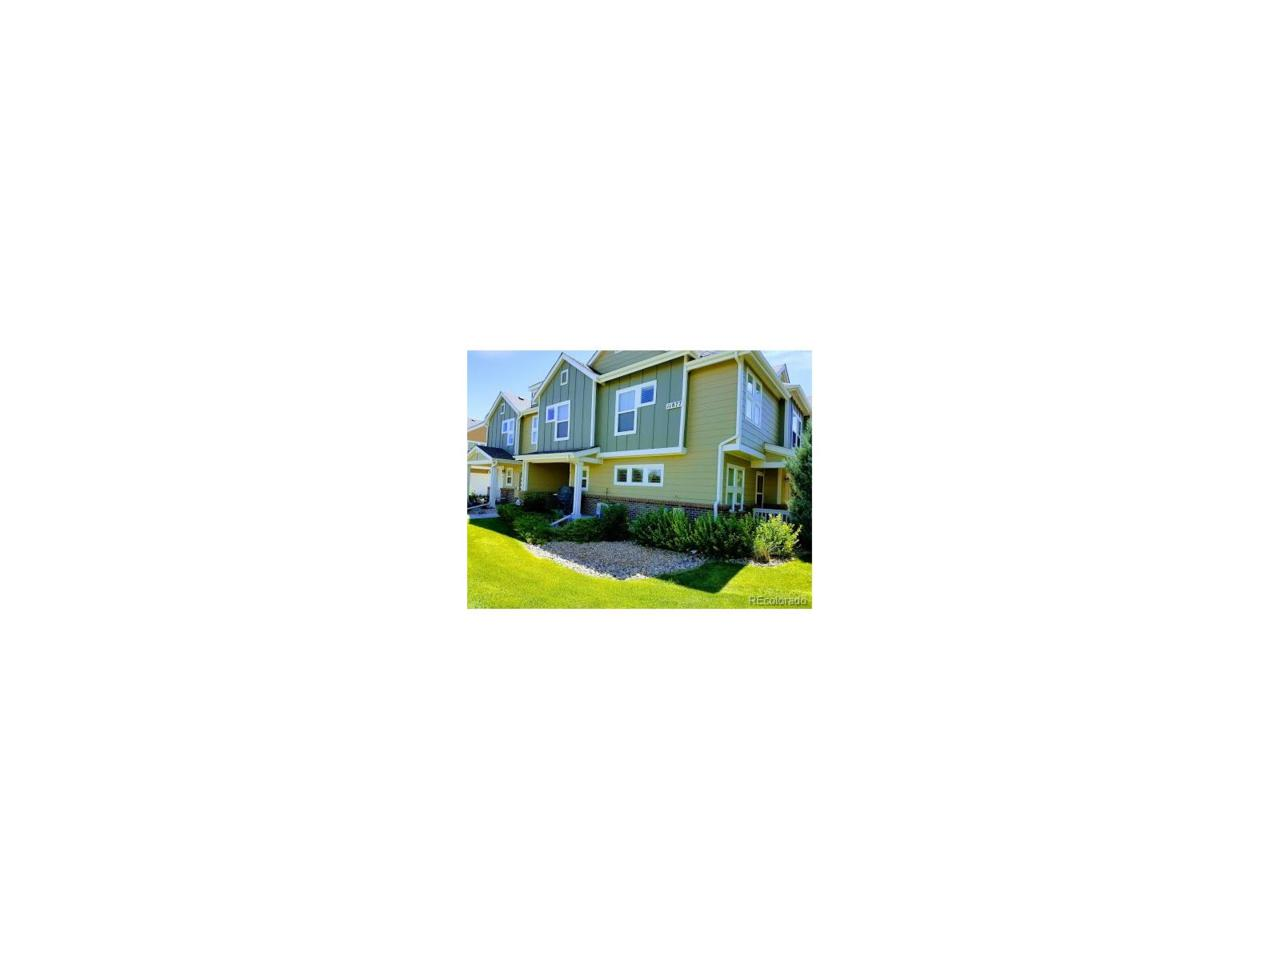 11877 Oak Hill Way E, Henderson, CO 80640 (MLS #8155087) :: 8z Real Estate